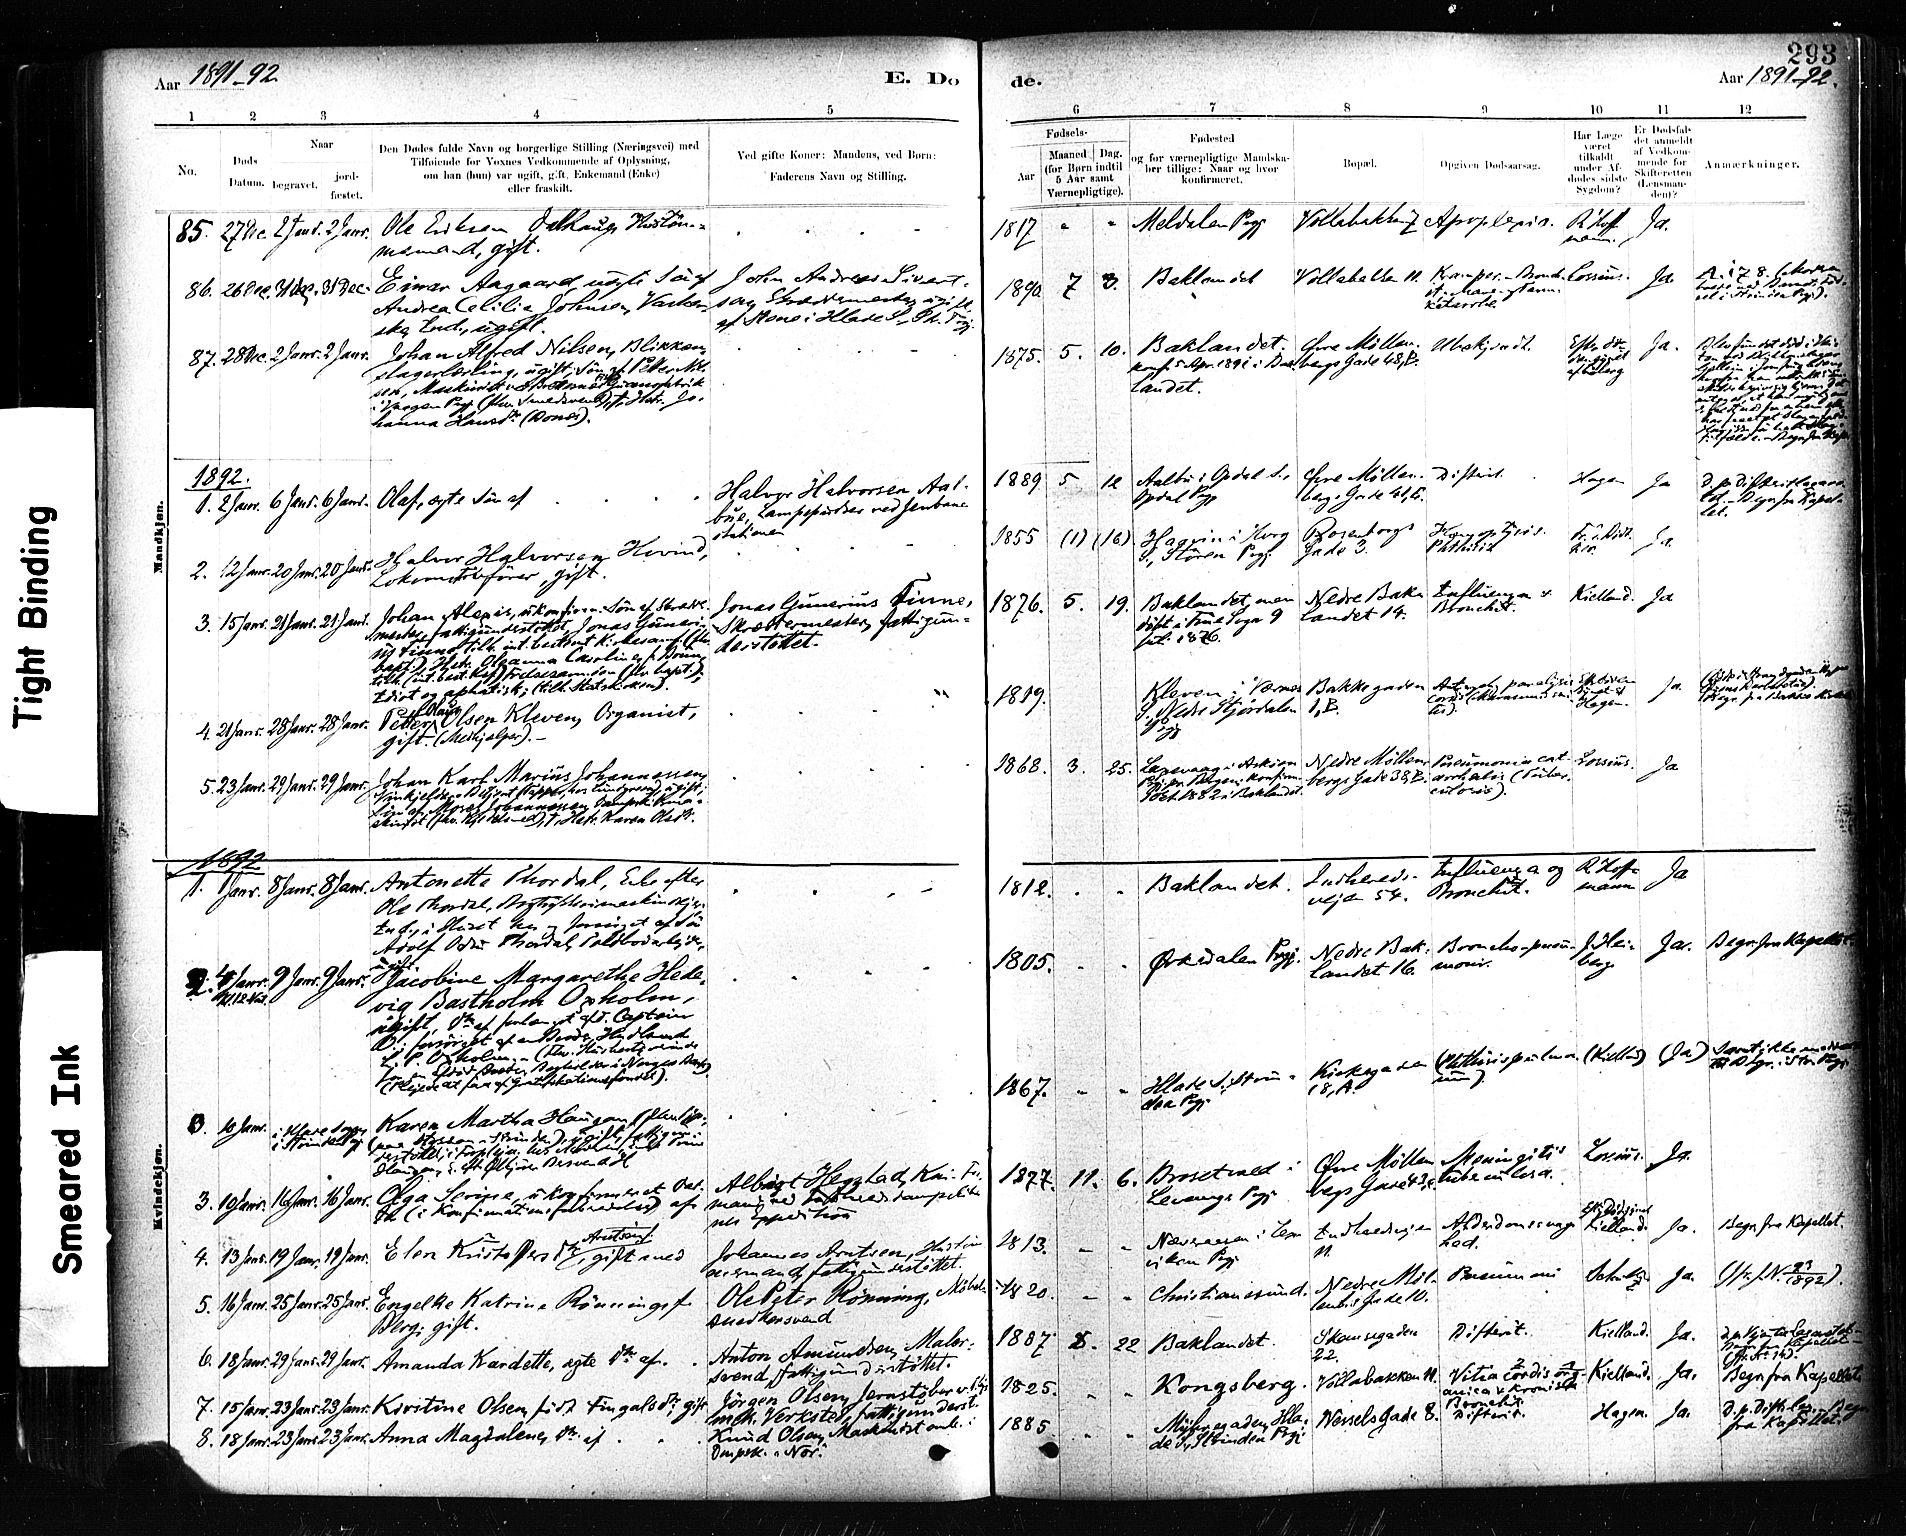 SAT, Ministerialprotokoller, klokkerbøker og fødselsregistre - Sør-Trøndelag, 604/L0189: Ministerialbok nr. 604A10, 1878-1892, s. 293